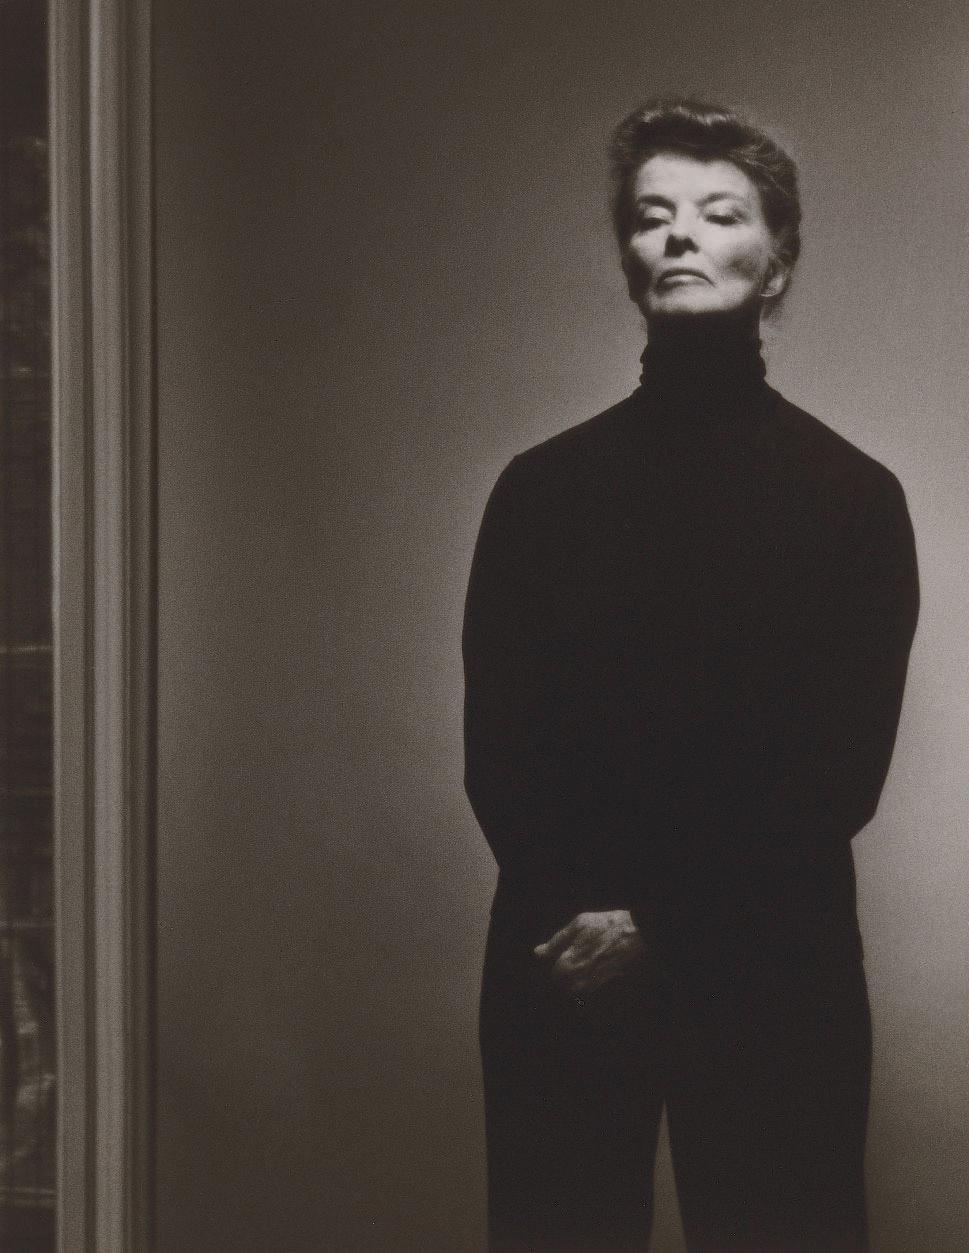 Katharine Hepburn, September 26, 1969